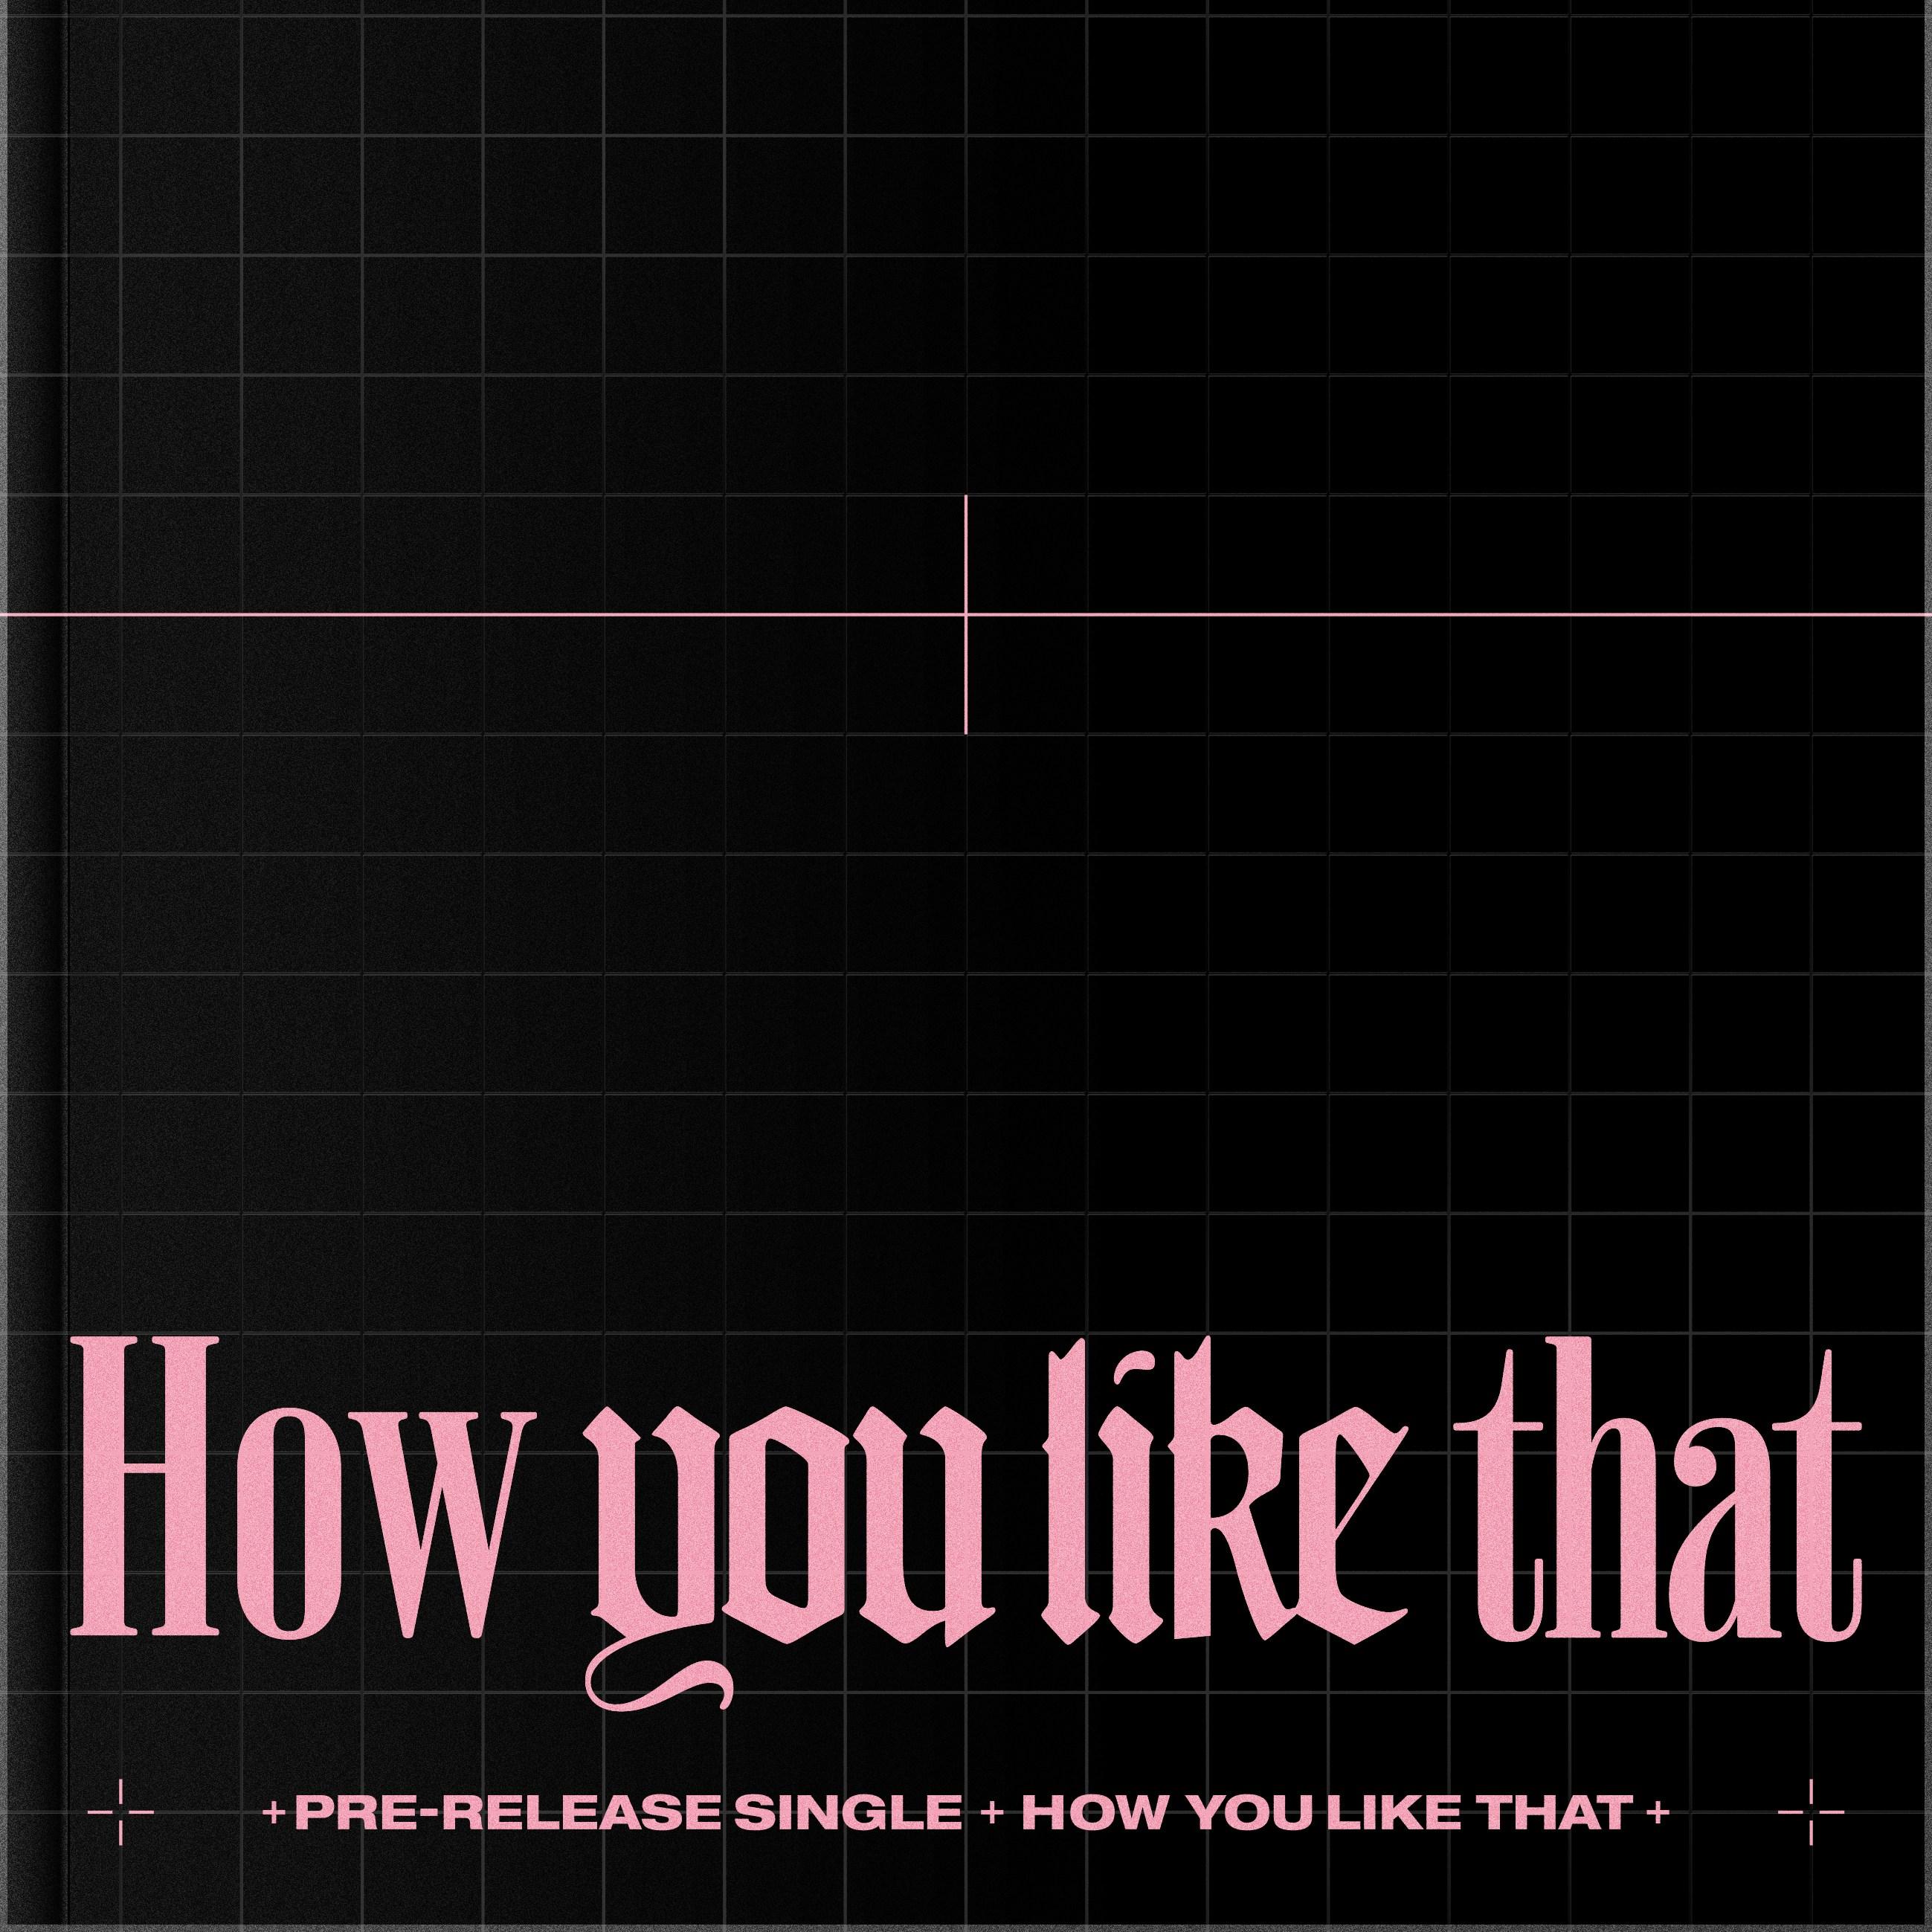 블랙핑크 (BLACKPINK) - How You Like That (포스터 자체특전 증정)